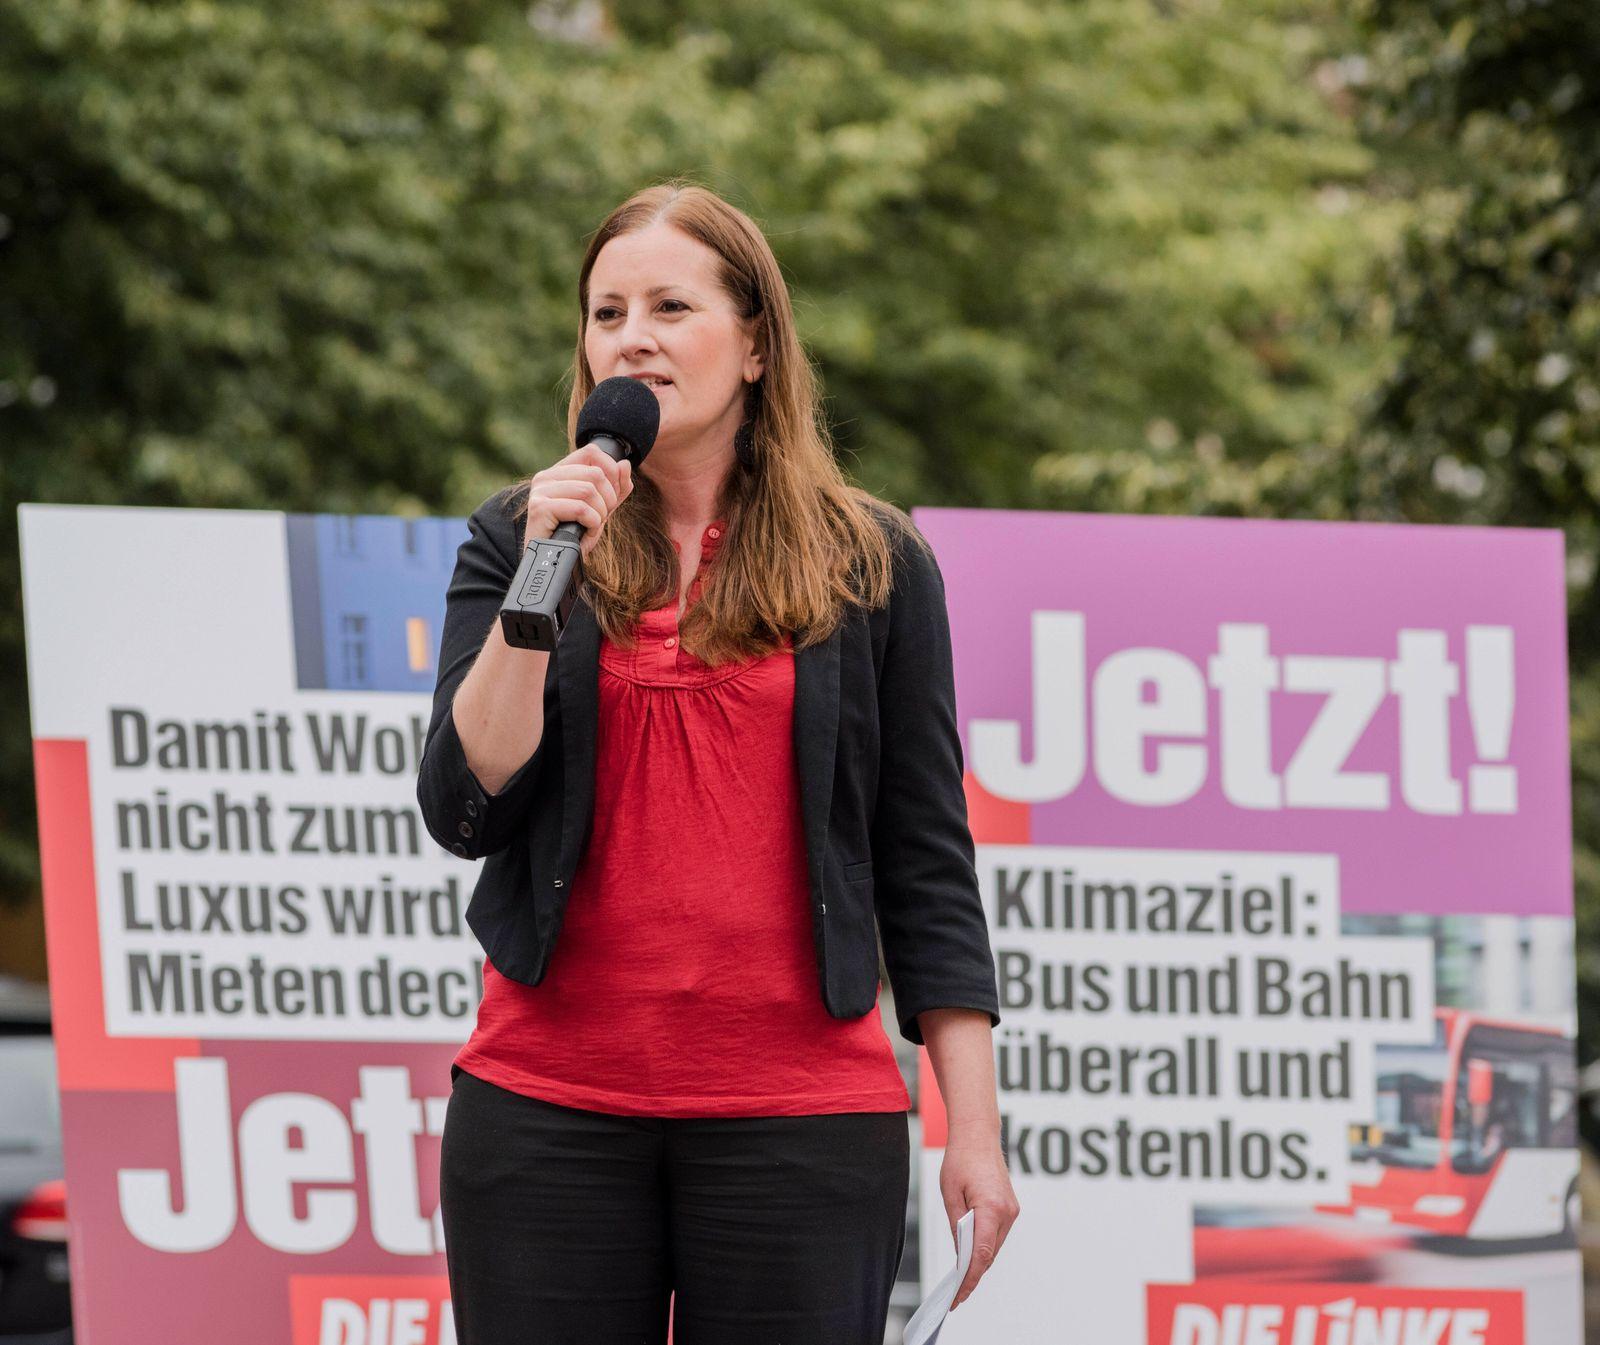 Bundestagswahl 2021: Janine Wissler Deutschland, Berlin: Janine Wissler und Dietmar Bartsch, gemeinsam mit dem Bundesges